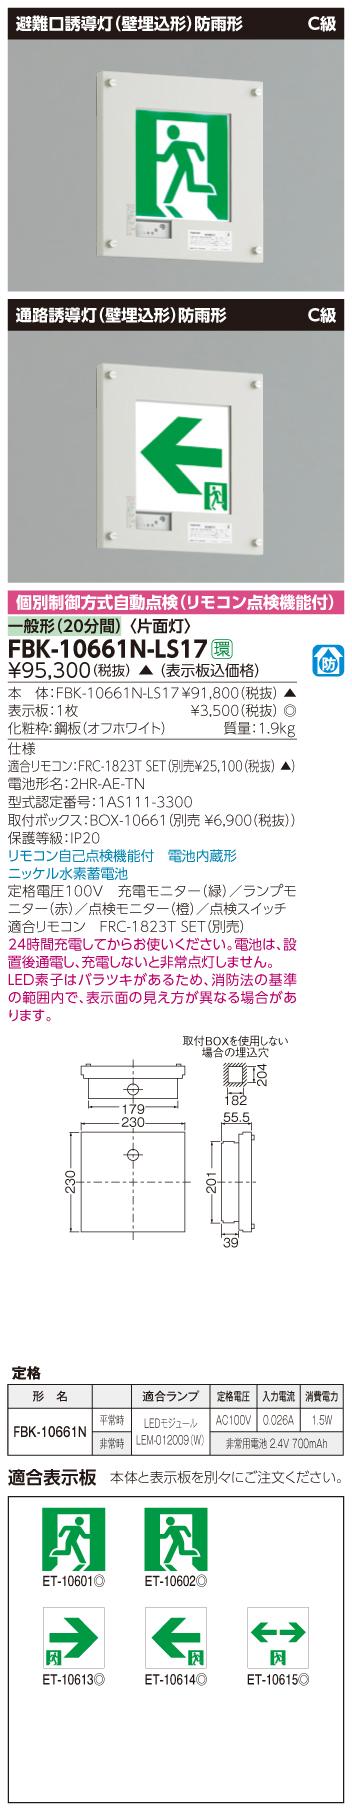 【法人様限定】東芝 FBK-10661N-LS17 LED誘導灯 壁埋込形 防雨形 電池内蔵 片面 C級 一般形(20分) 【表示板別売】